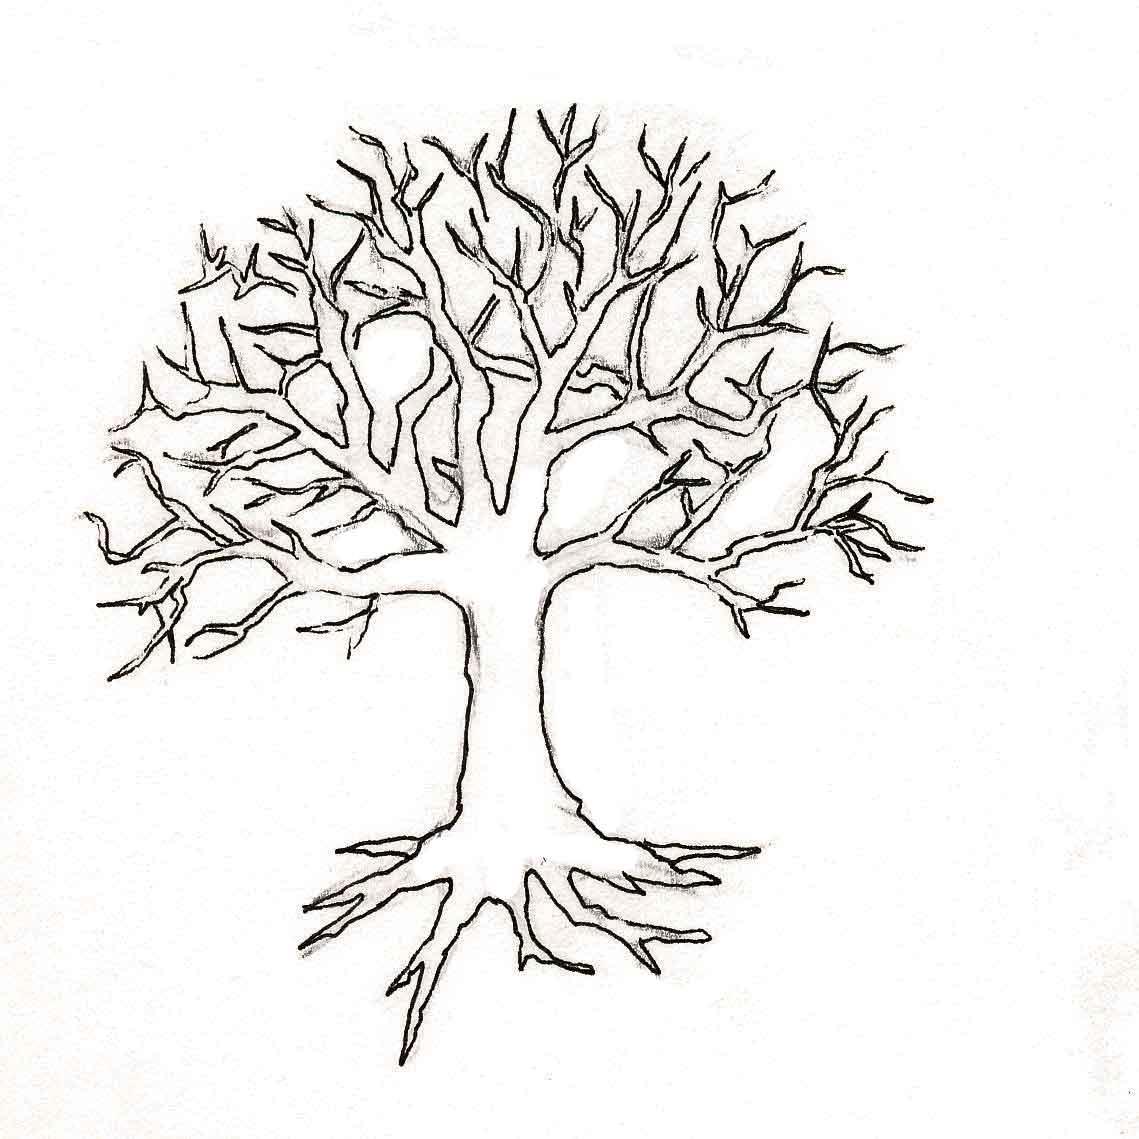 картинка ствола дерева без листьев